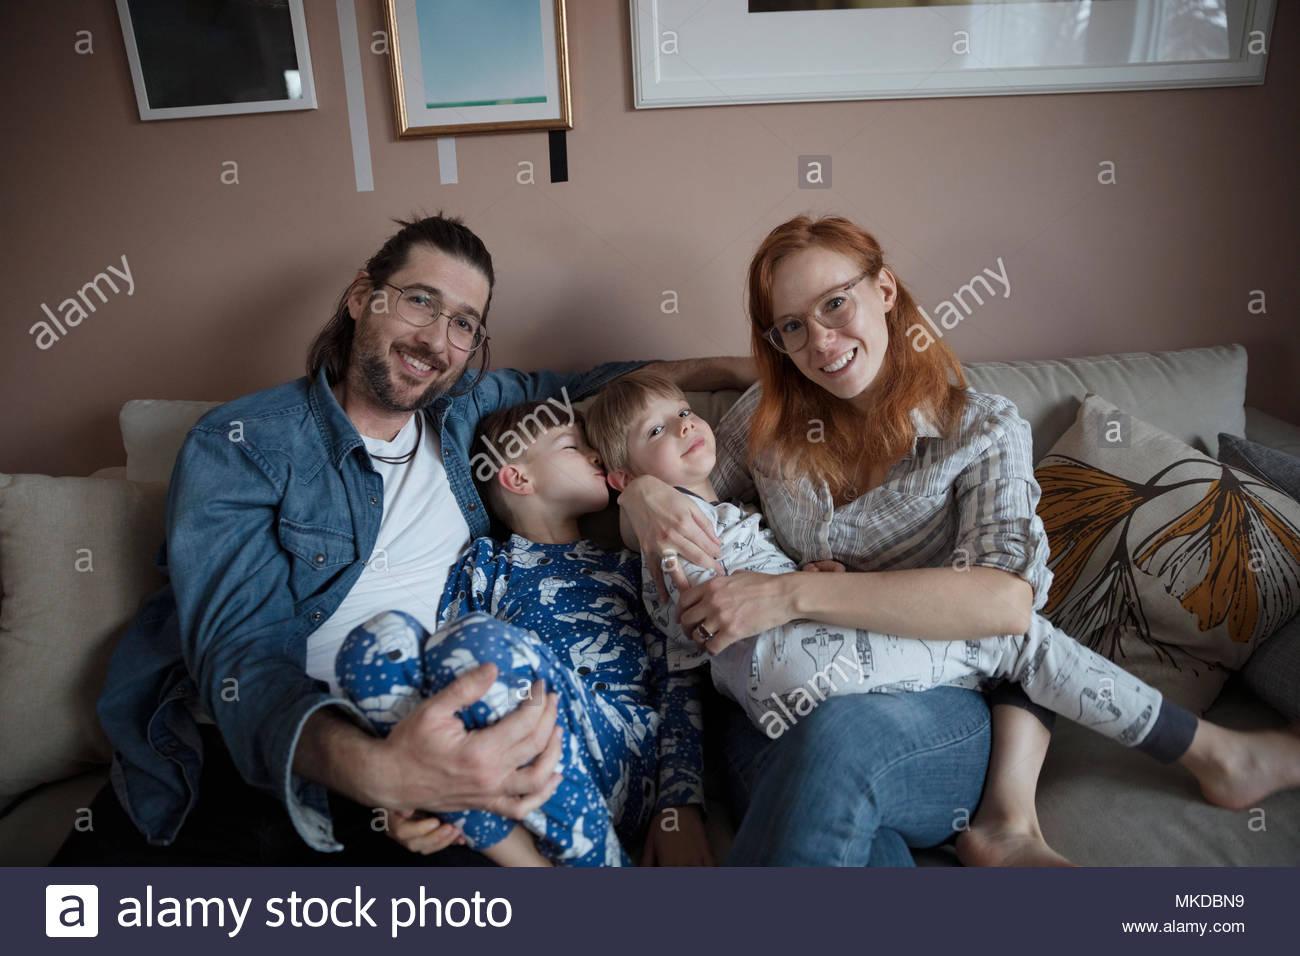 Retrato sonriente, feliz familia en el sofá de la sala Imagen De Stock